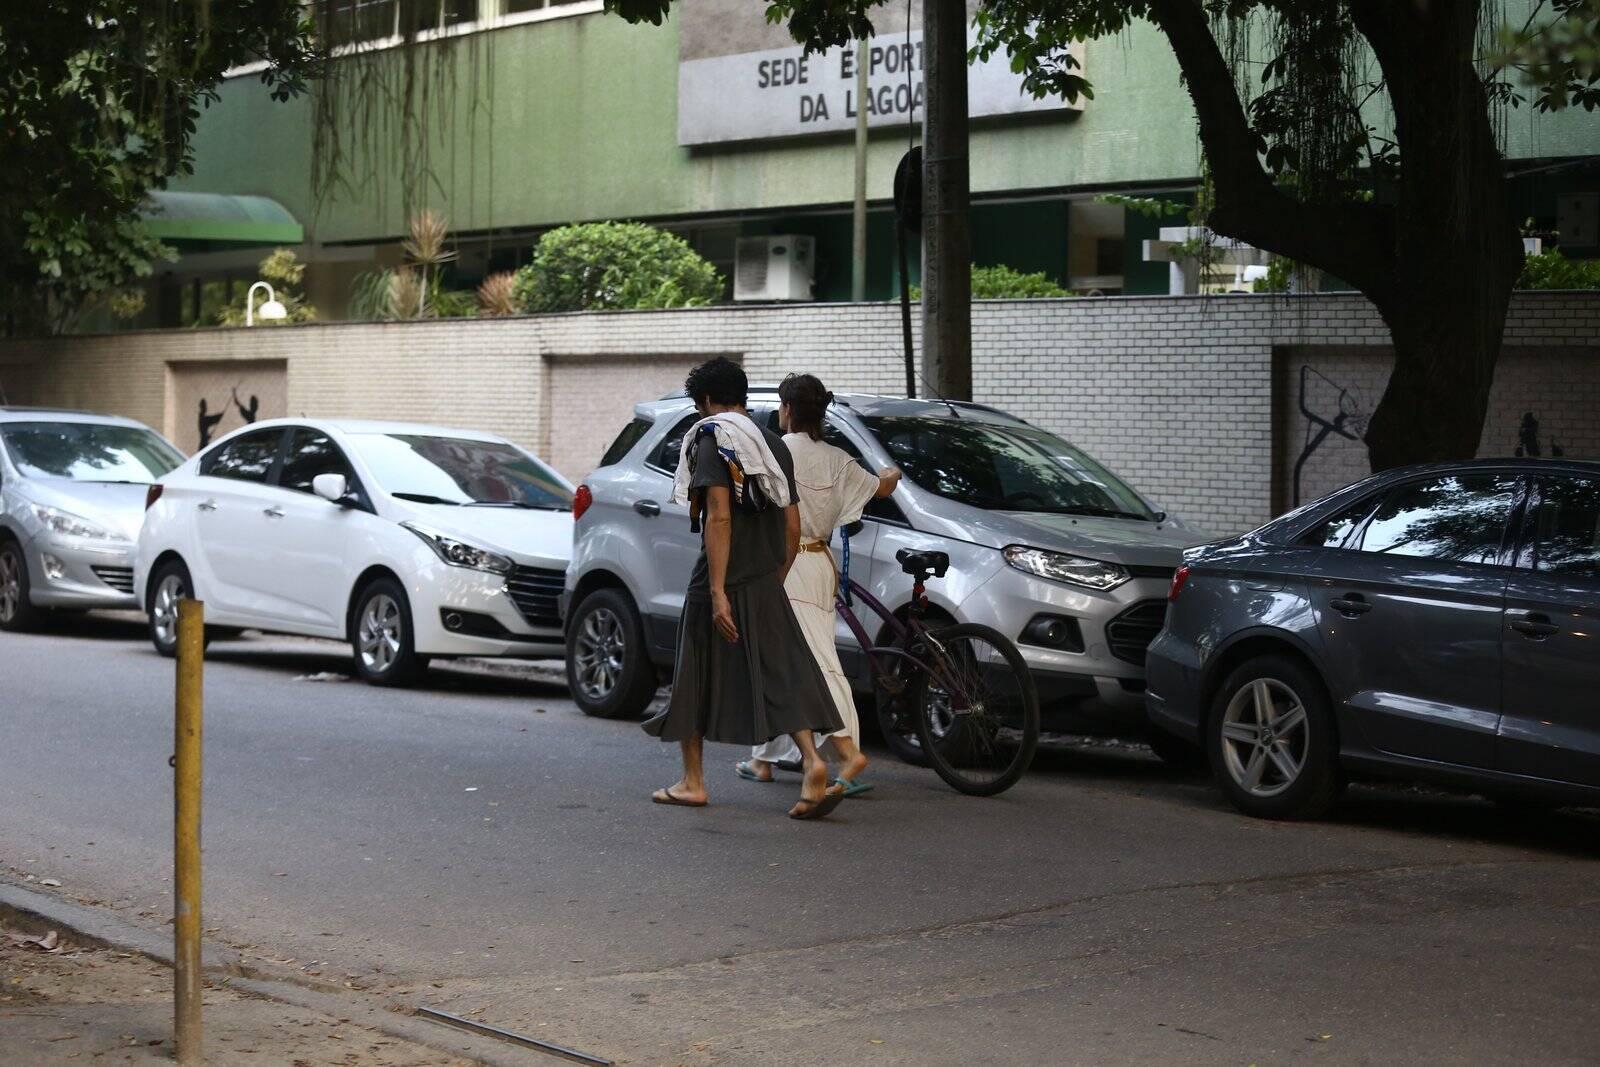 Luisa Arraes e Caio Blat em passeio no Rio de Janeiro. Foto: AGNEWS/Rodrigo Adao